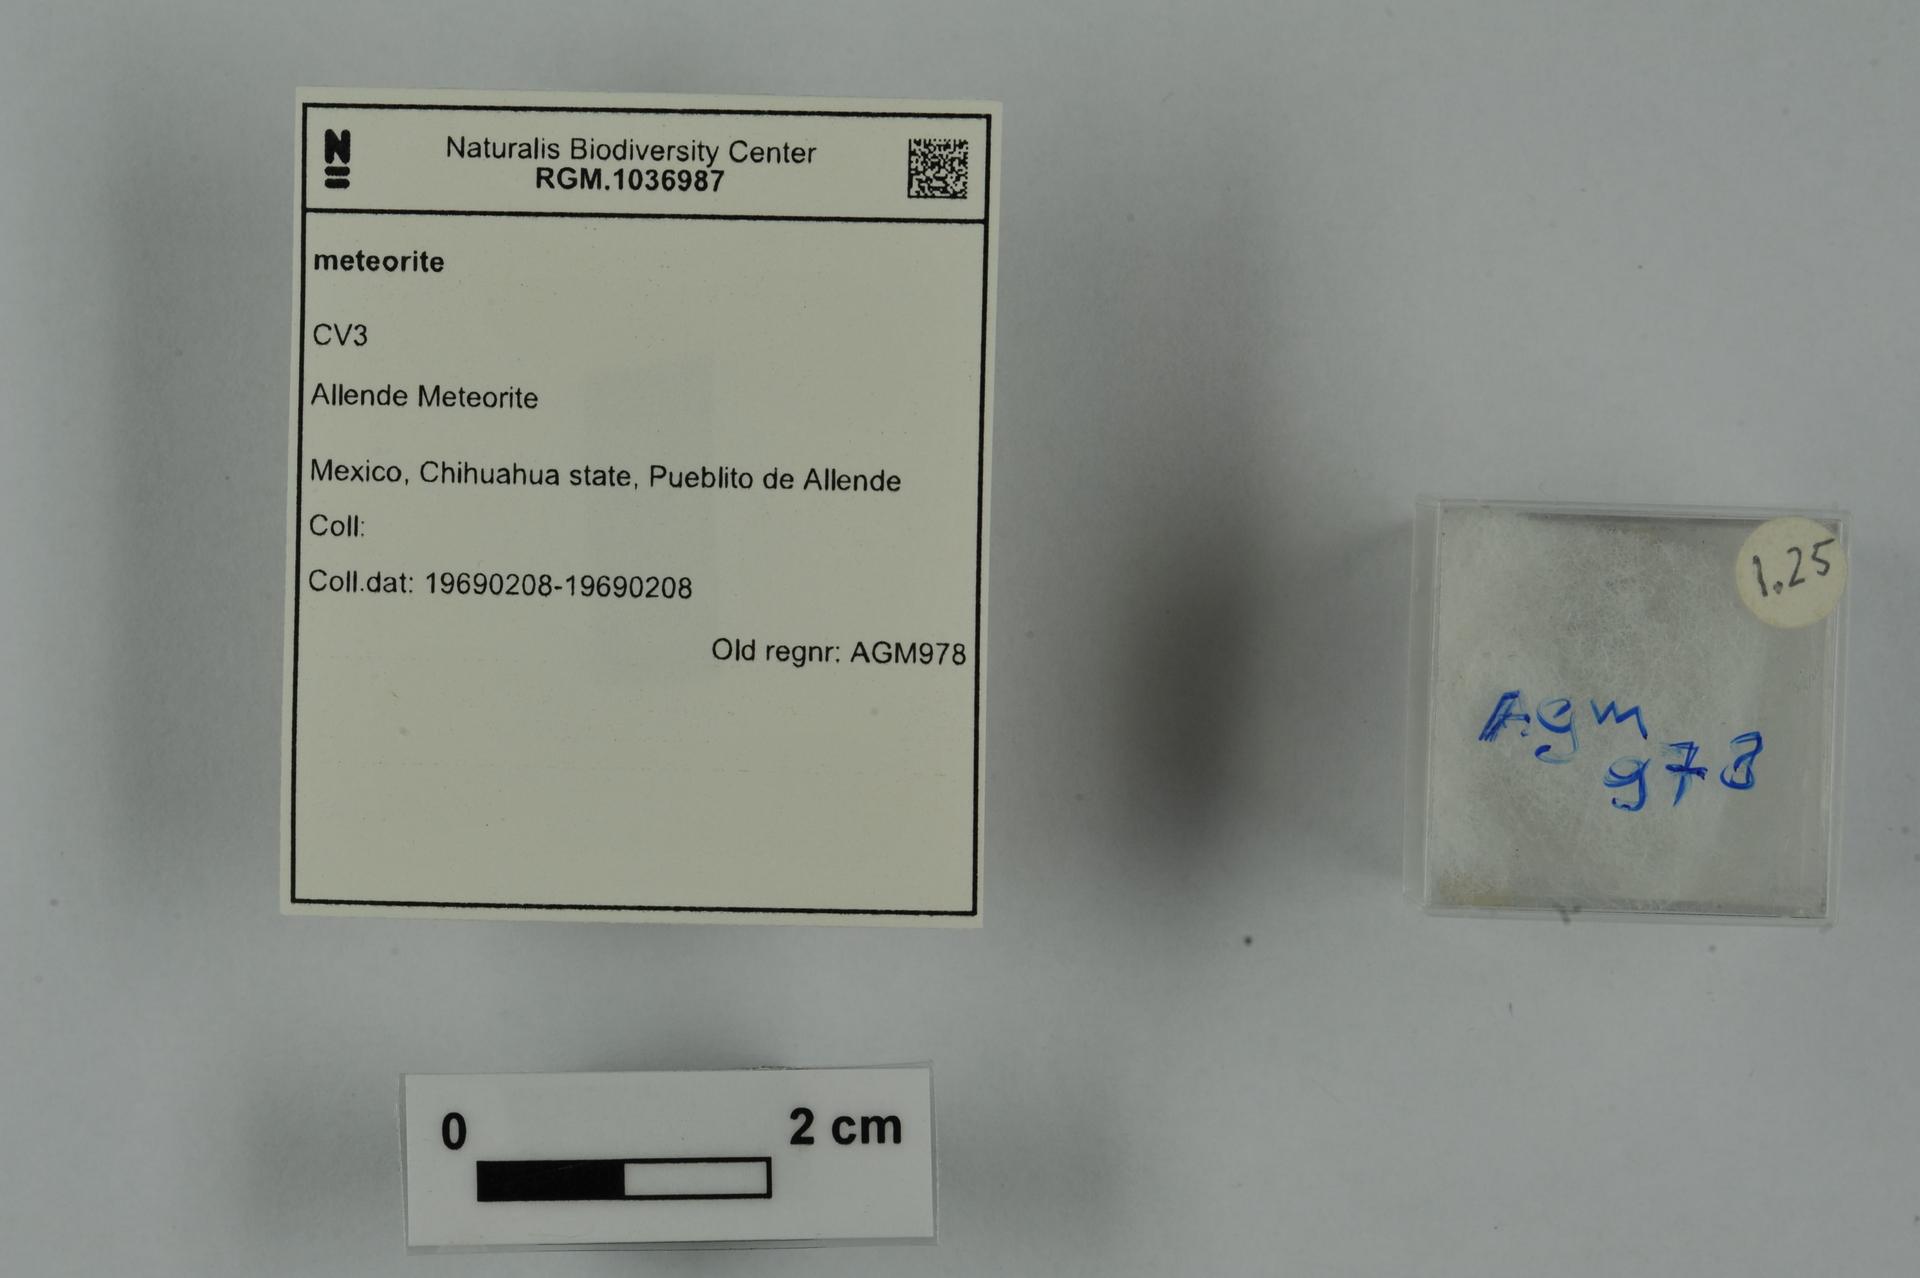 RGM.1036987 | CV3